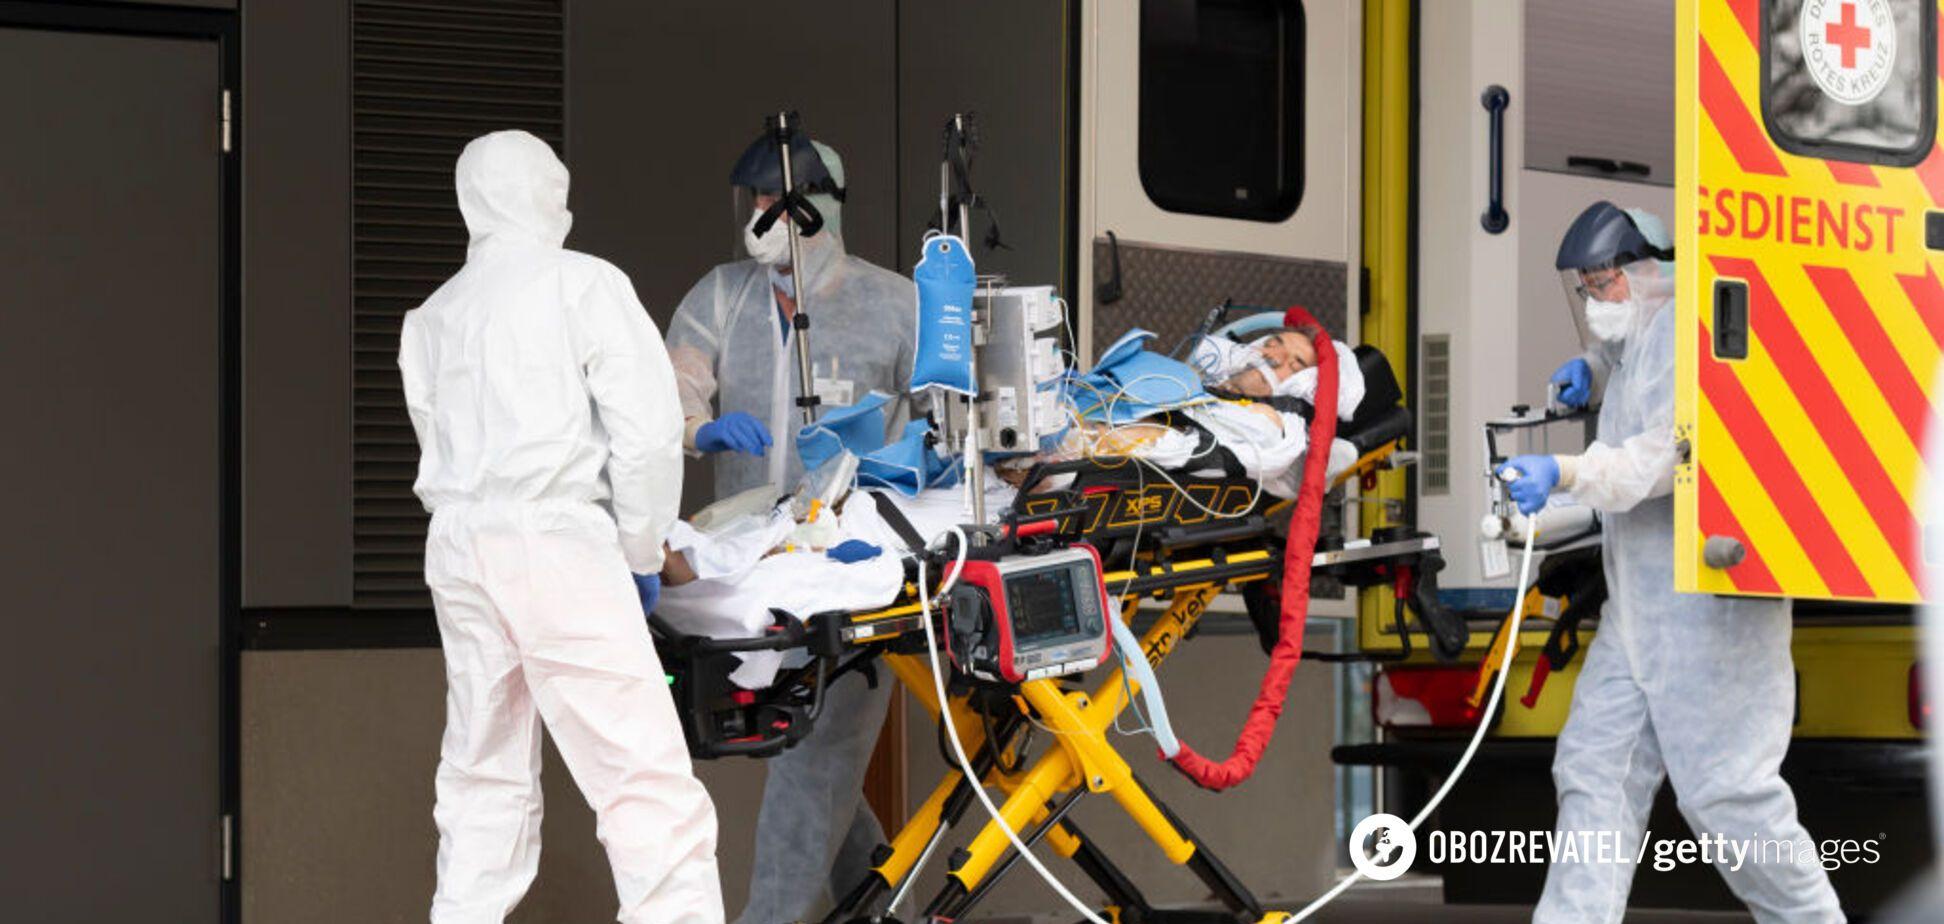 В Італії розкрили страшну статистику жертв коронавірусу: хто в зоні ризику